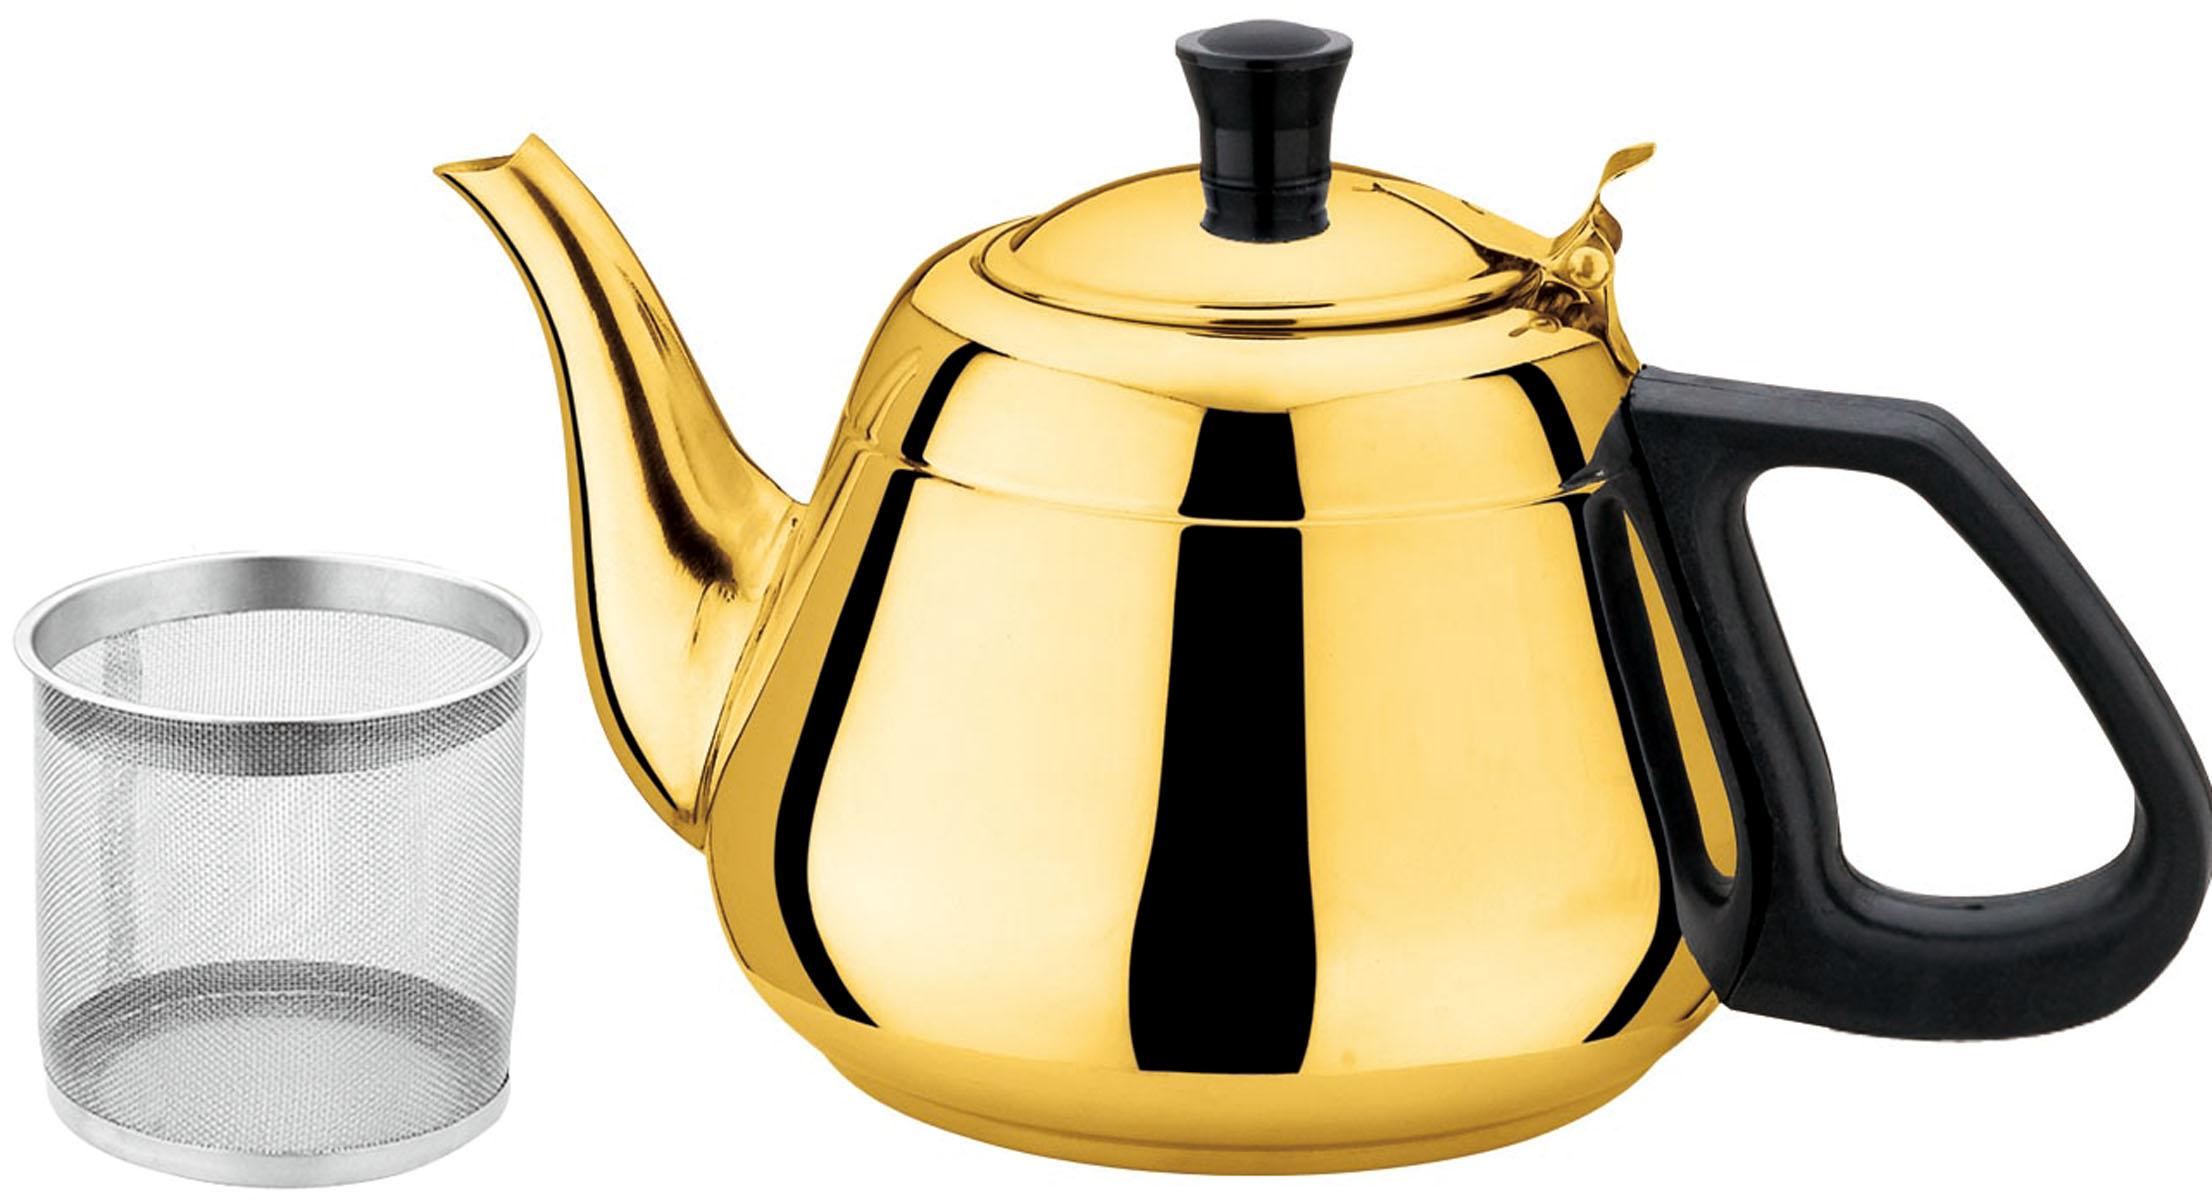 Чайник заварочный Bekker Koch, с ситечком, цвет: золотистый, 1,3 л. BK-S503 контейнер пищевой вакуумный bekker koch прямоугольный 1 1 л page 11